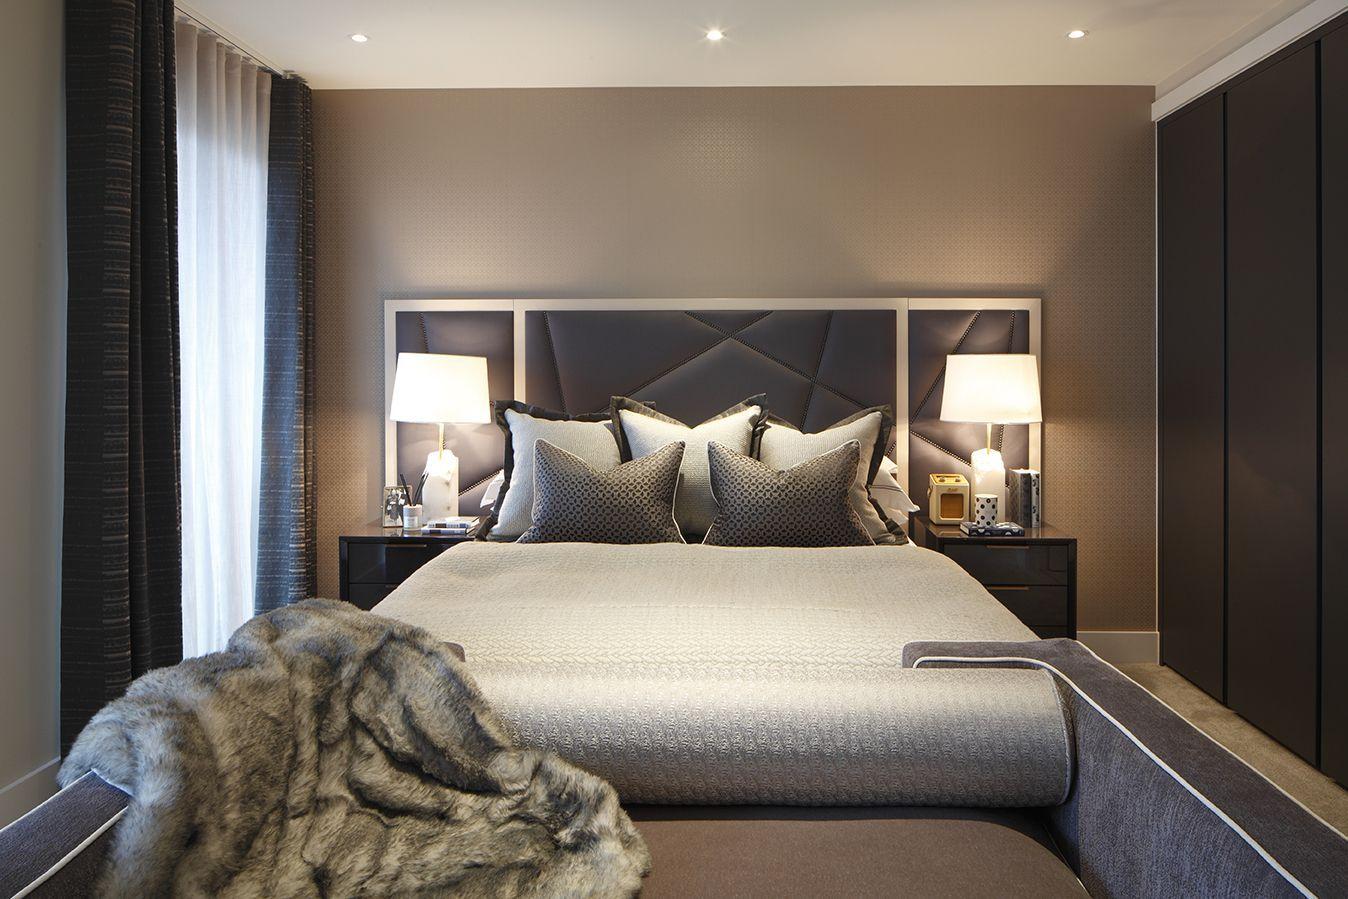 Exotic Bedroom Set  Luxury Bedrooms Modern Interiors And Bedrooms Amusing Exotic Bedroom Sets Inspiration Design